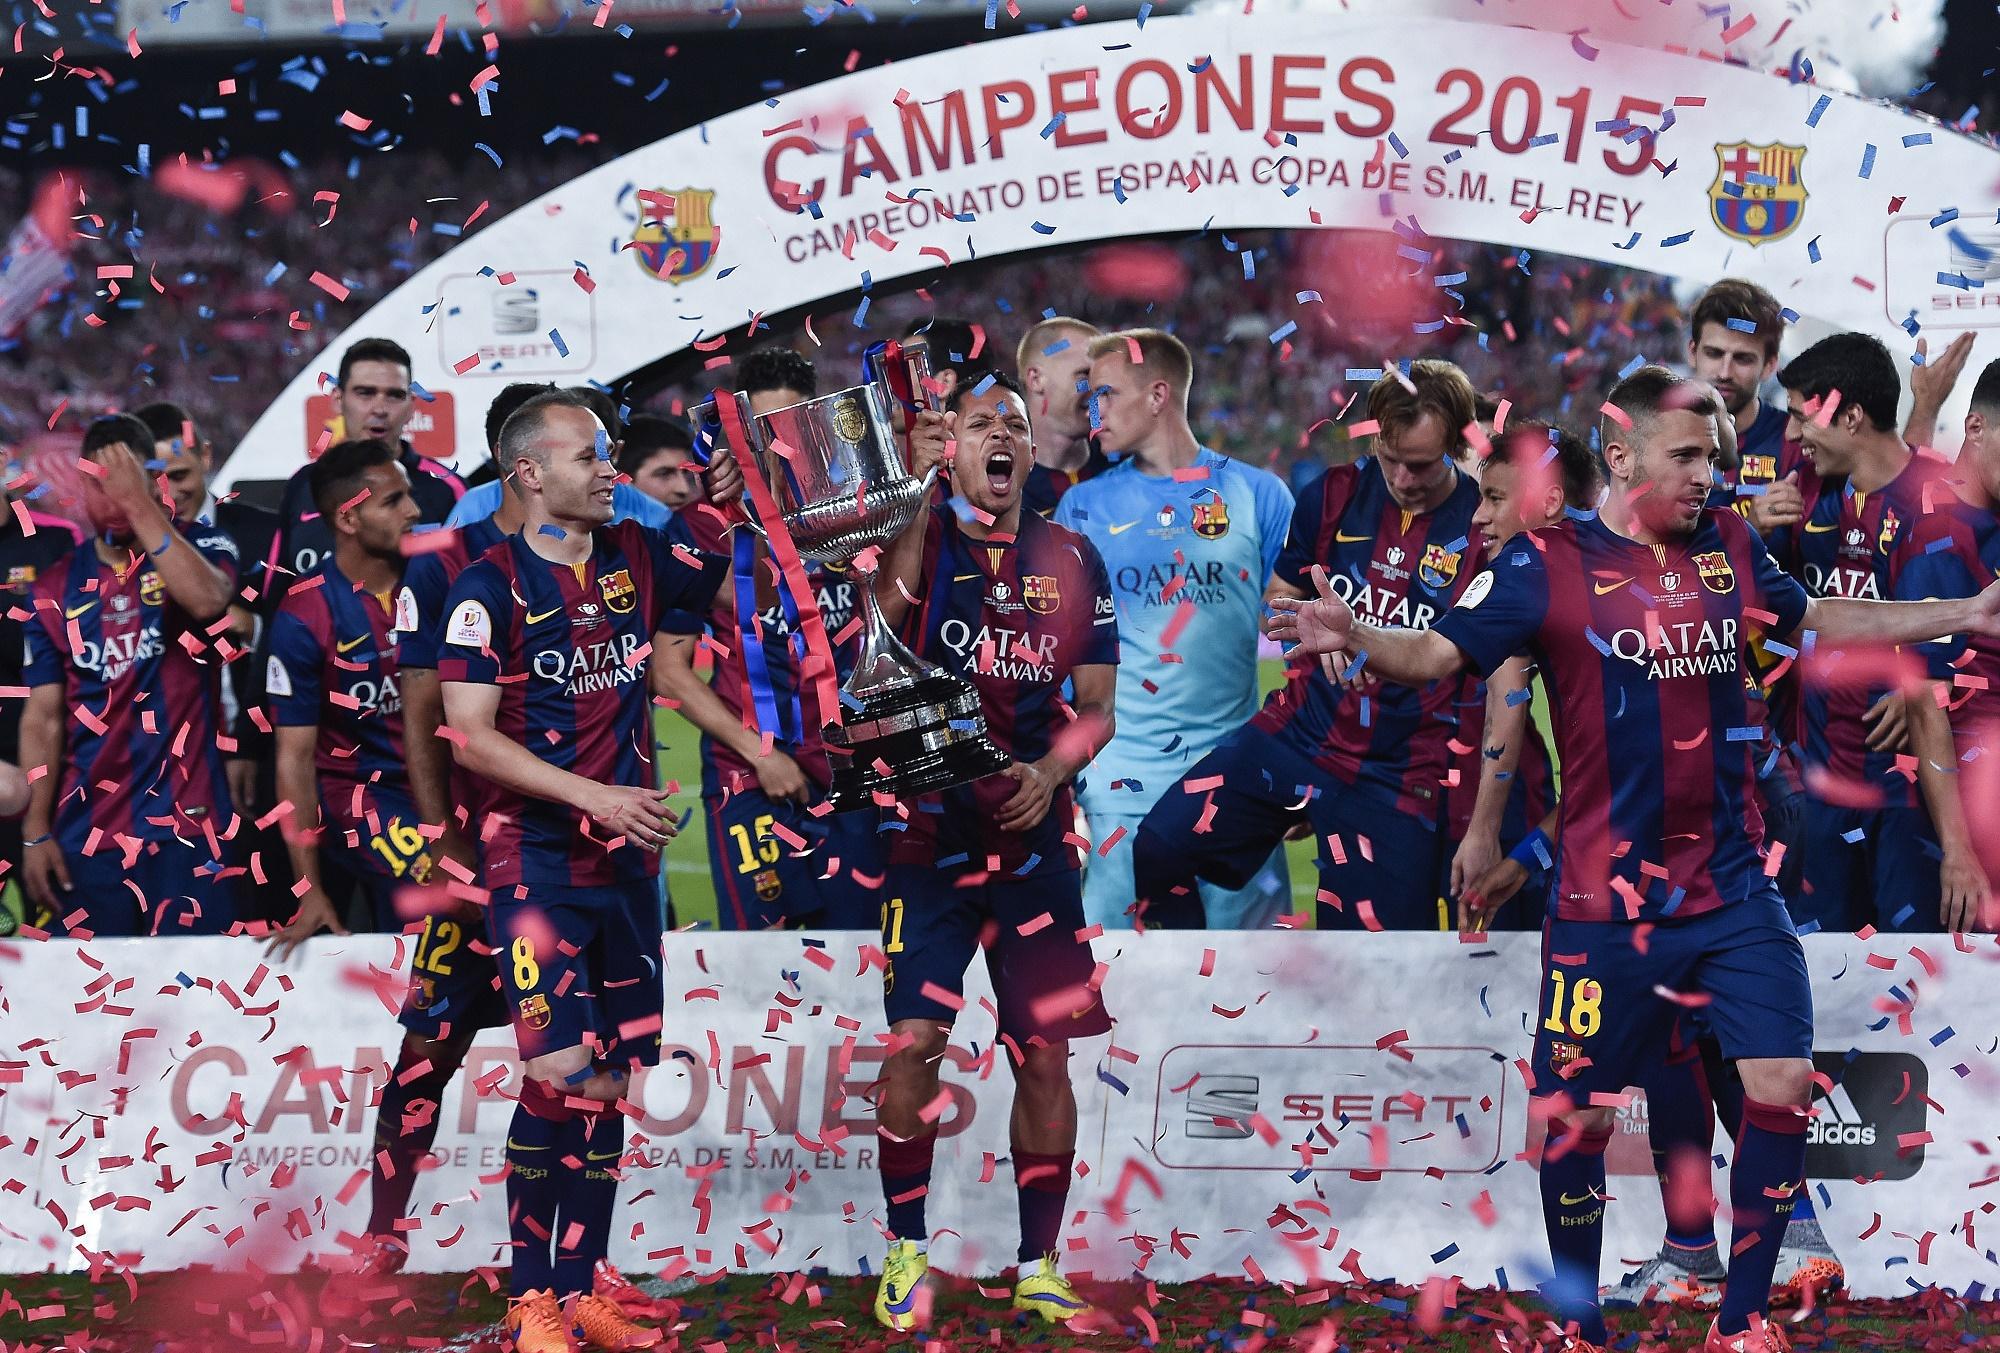 Apuestas de futbol para hoy regístrate en casino barcelona-957389